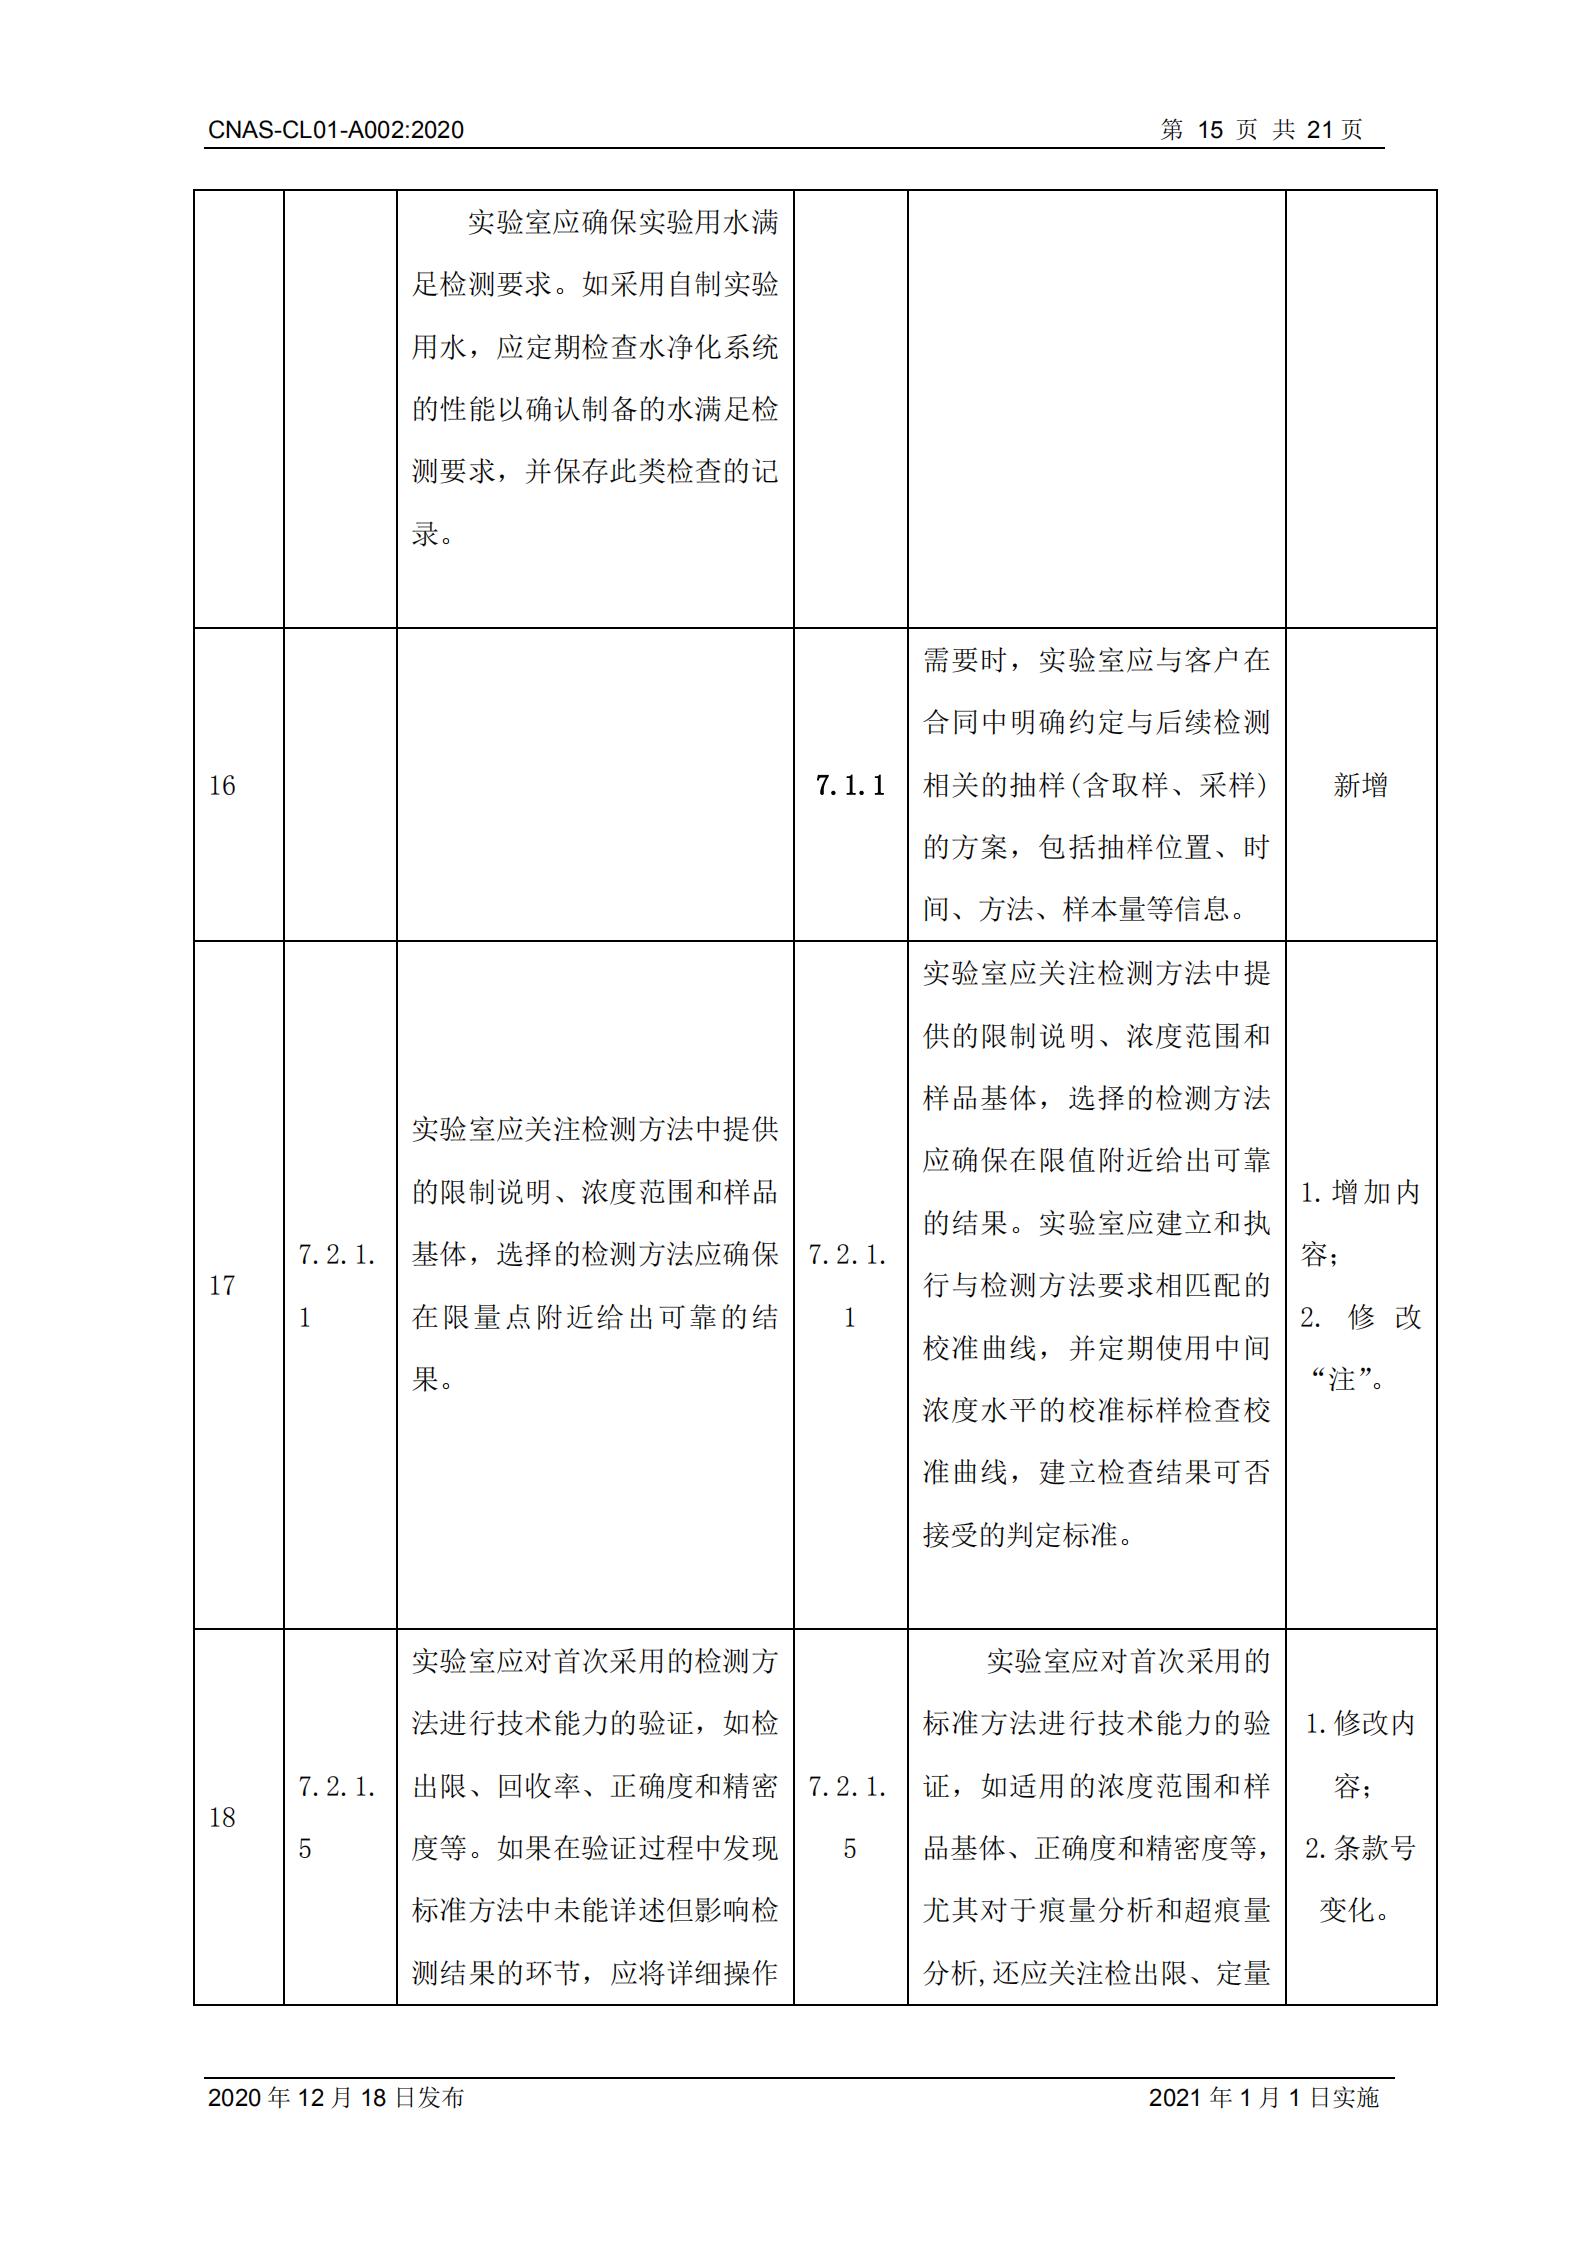 CNAS-CL01-A002_2020_15.png